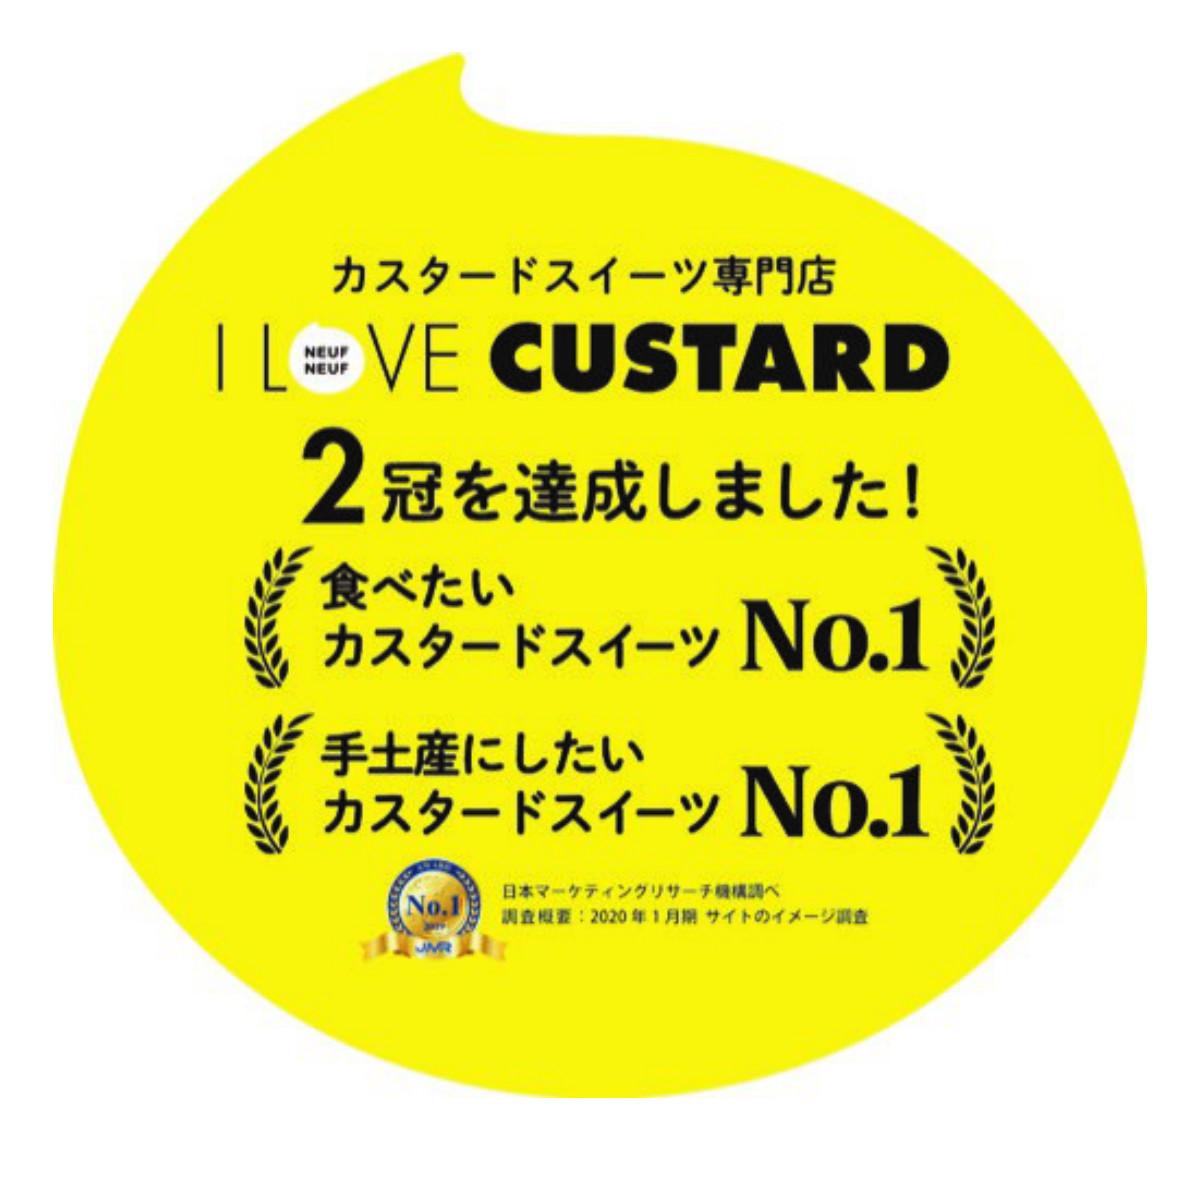 ピスタショコラカスタード(福岡便)